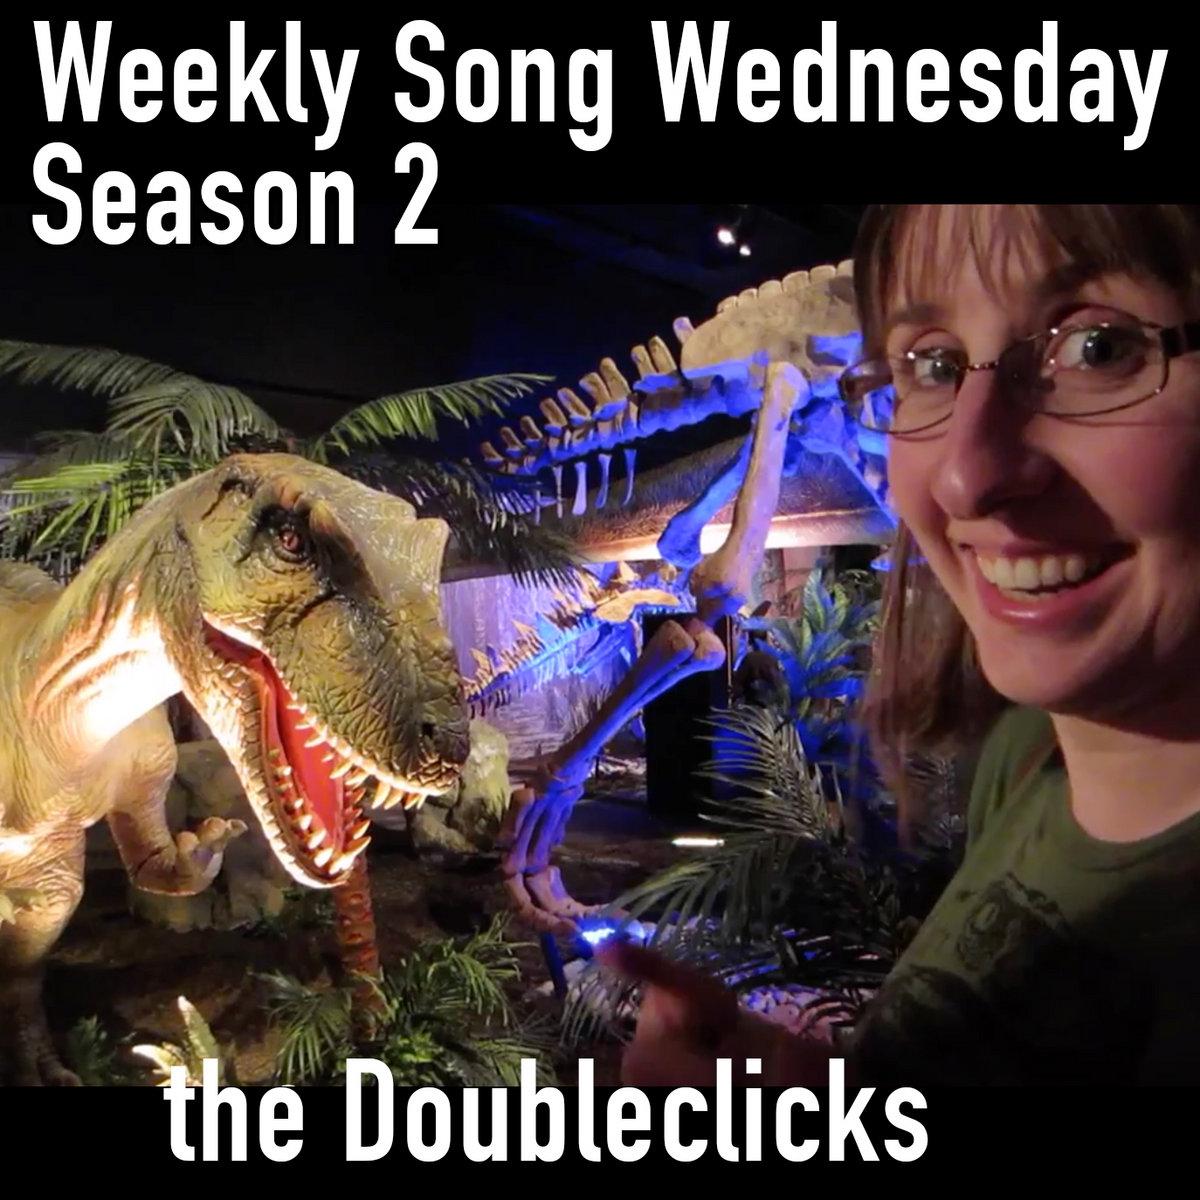 Doctor Who Theme Cello Cover | The Doubleclicks